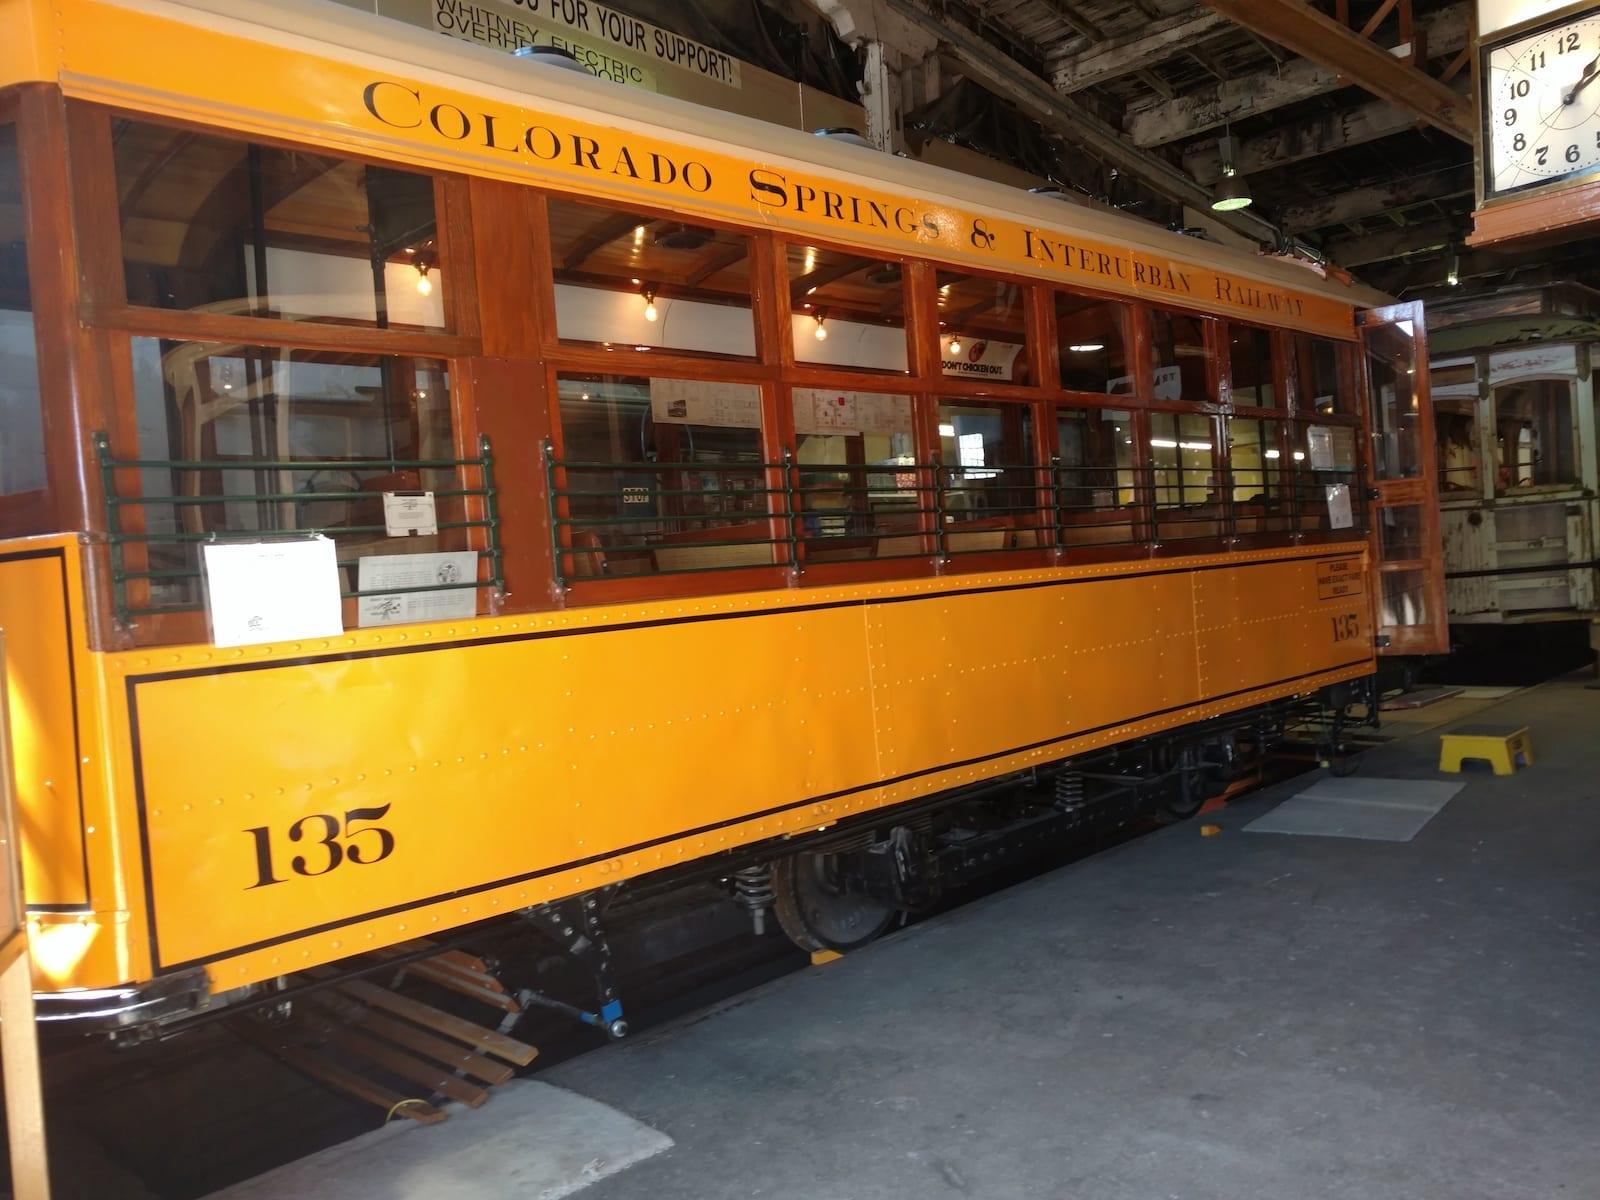 Pikes Peak Trolley Museum Train